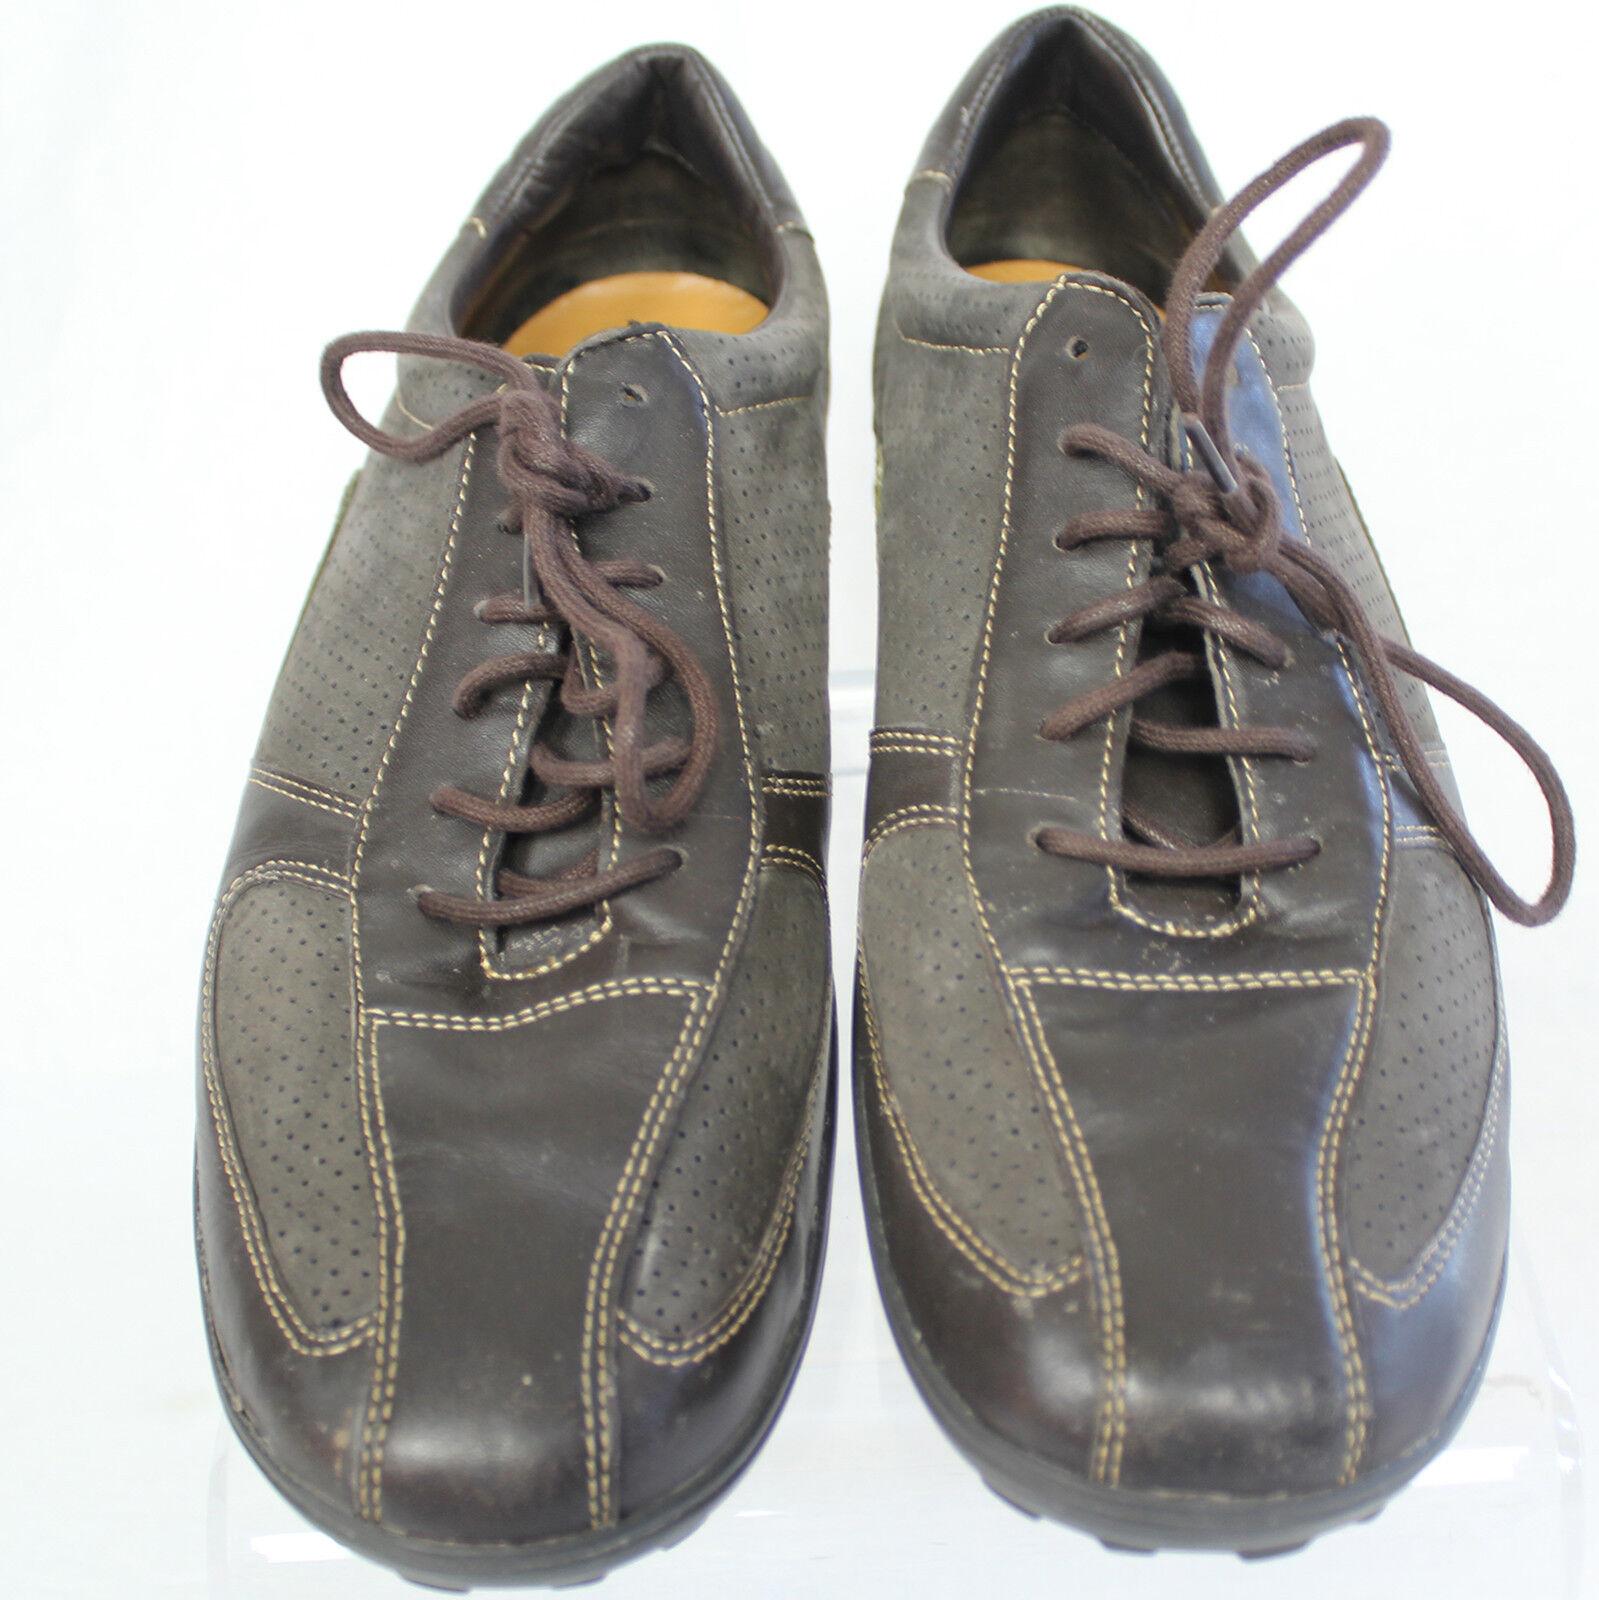 Cole Haan Brown Leather Fashion Sneaker Lace Up shoes Men Sz 11 1 2 11.5 D M EUC